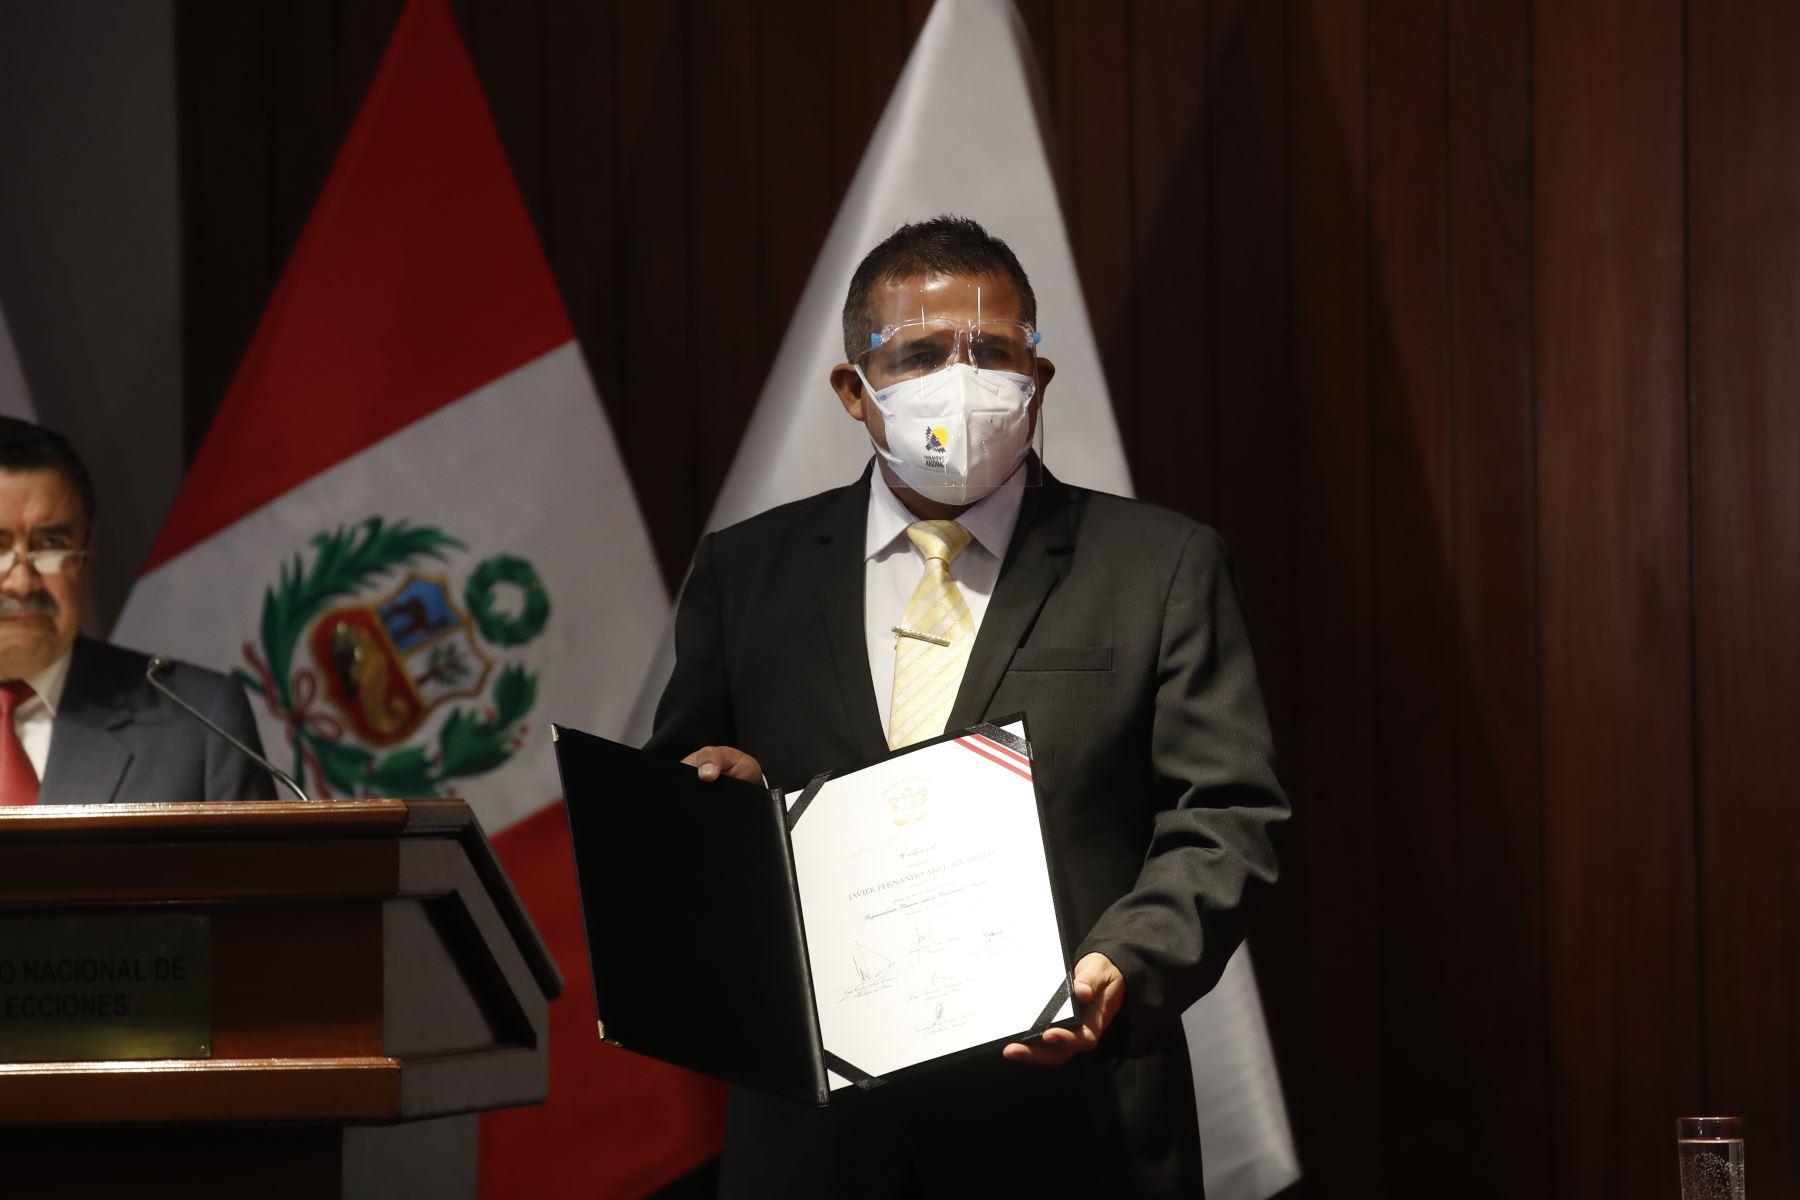 Javier Fernando Arce Alvarado representante de Perú Libre ceremonia de entrega de credenciales a representantes del Parlamento Andino. Foto: ANDINA/Juan Carlos Guzmán